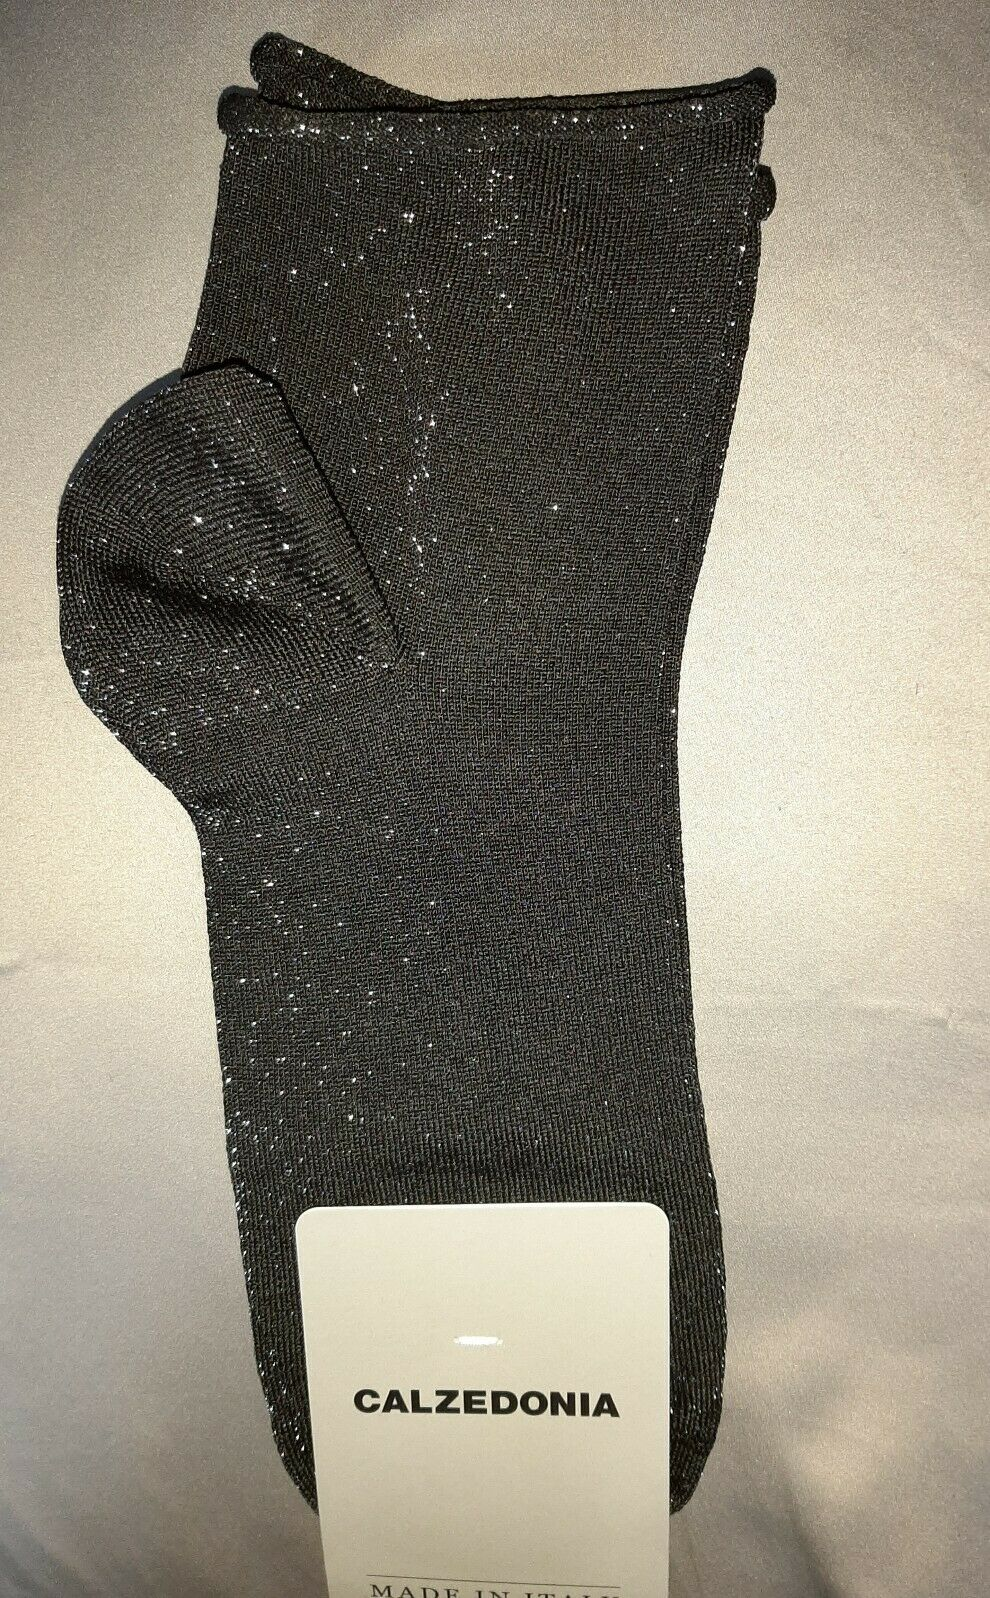 Calzedonia Socken Strümpfe Glitter Nero Antracite NEU One Size Einheitsgröße